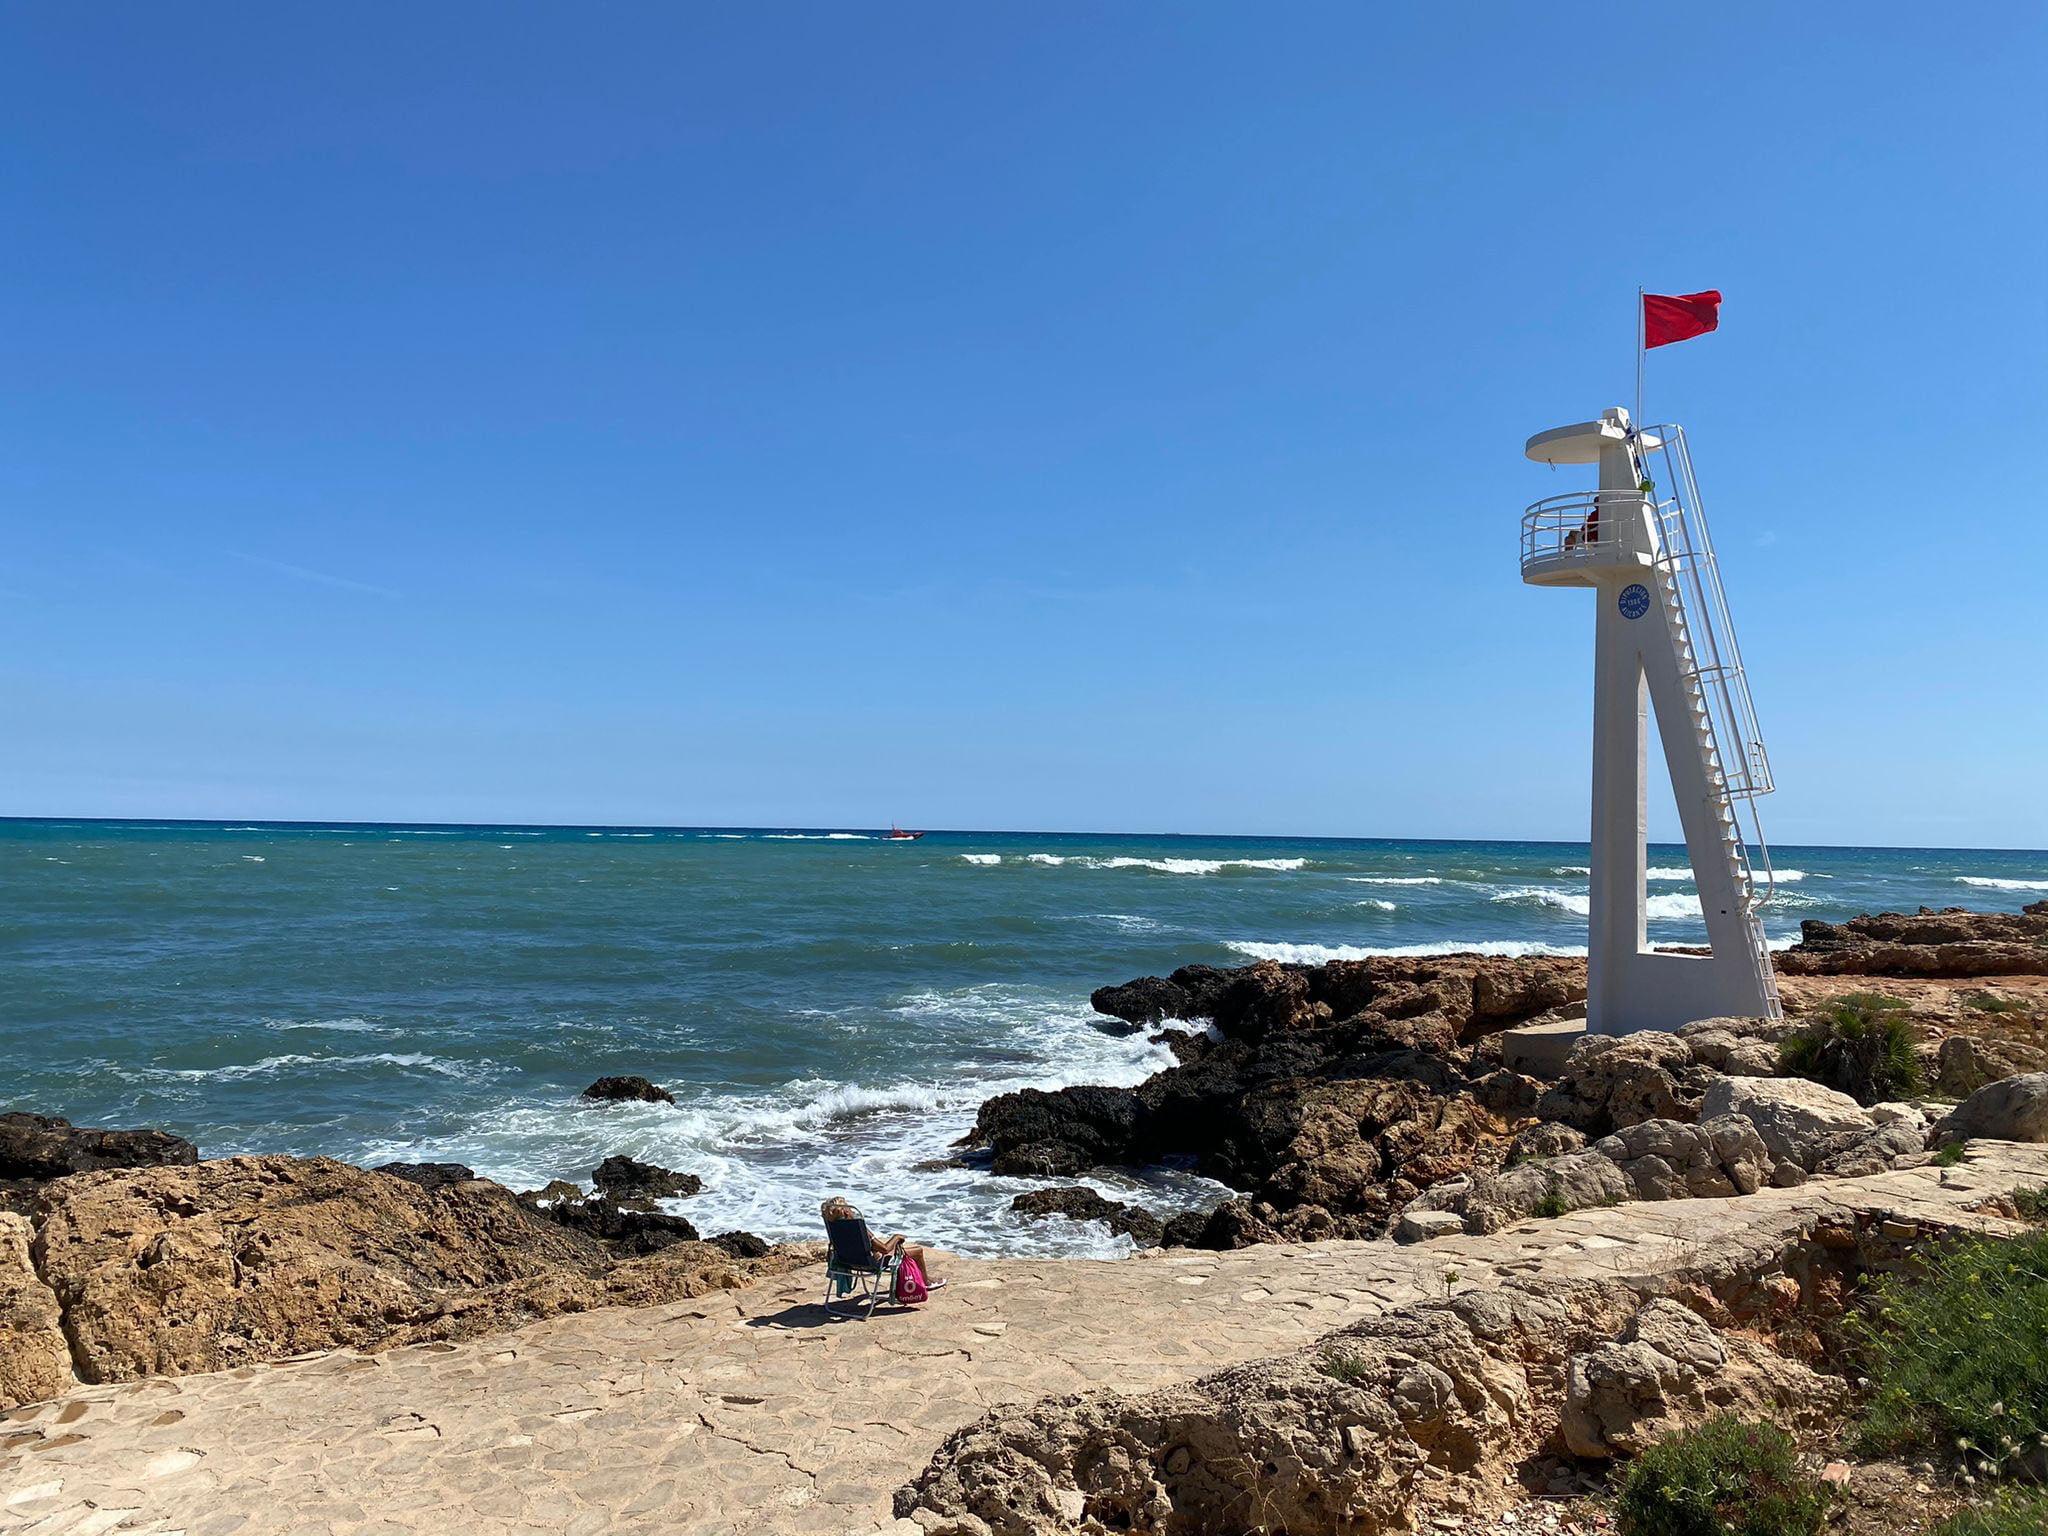 La bandera roja ondea en El Trampolí